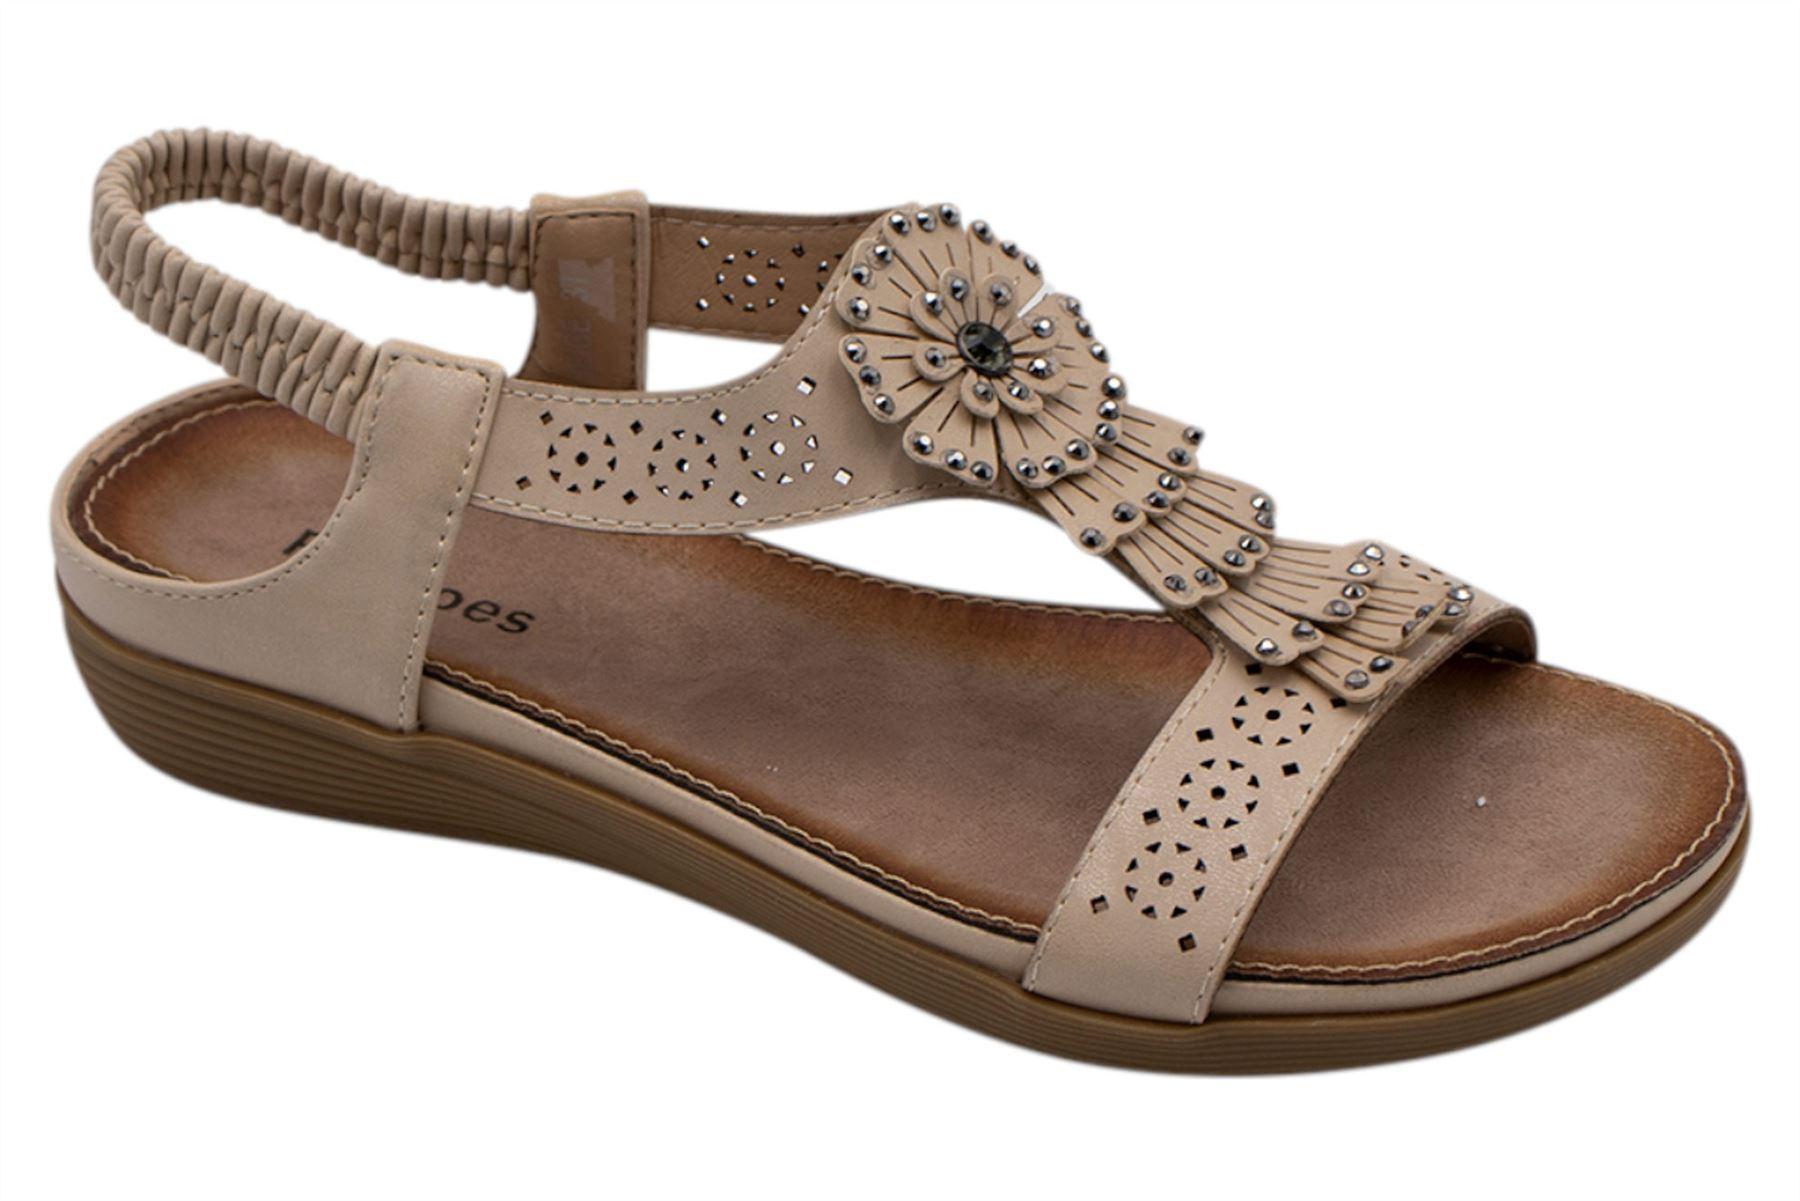 Ladies-Sandals-Womens-Shiny-Flat-Flip-Flop-Beach-Sliders miniatura 4